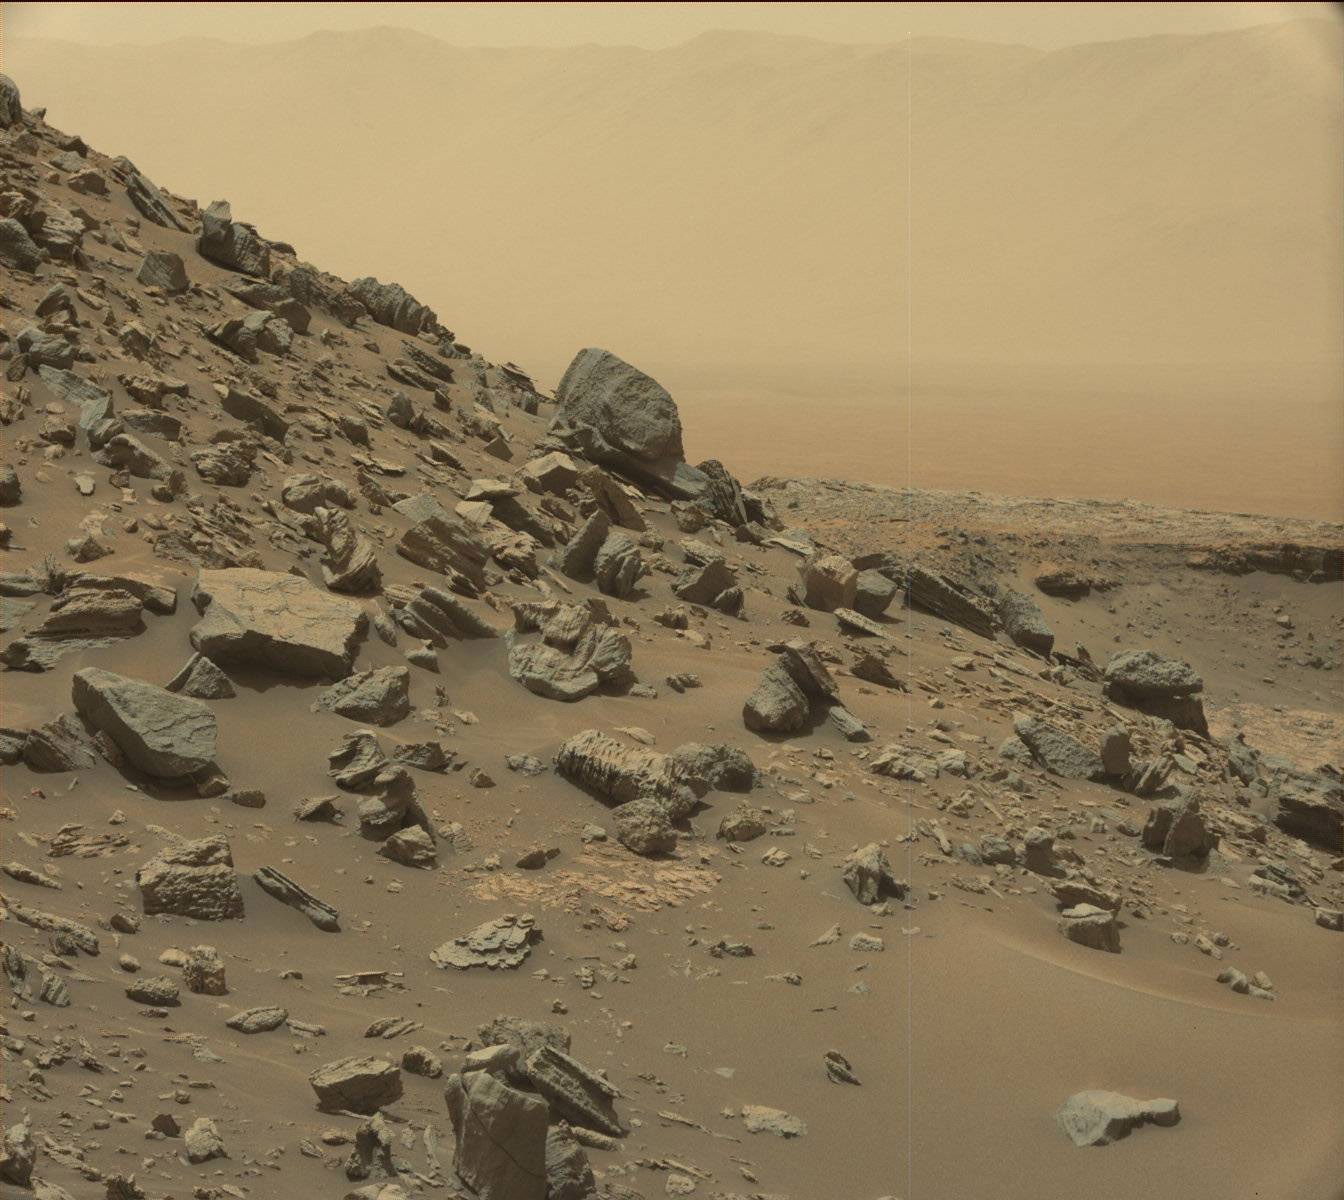 Nell'immagine ripresa dalla Mast Camera a bordo di Curiosity, un pendio inclinato nella regione chiamata Murray Buttes, alla base del Monte Sharp. In lontananza, sebbene offuscato dalla foschia polverosa, è visibile il bordo del cratere Gale, dove il rover è arrivato nel 2012. Crediti: NASA/JPL-Caltech/MSSS